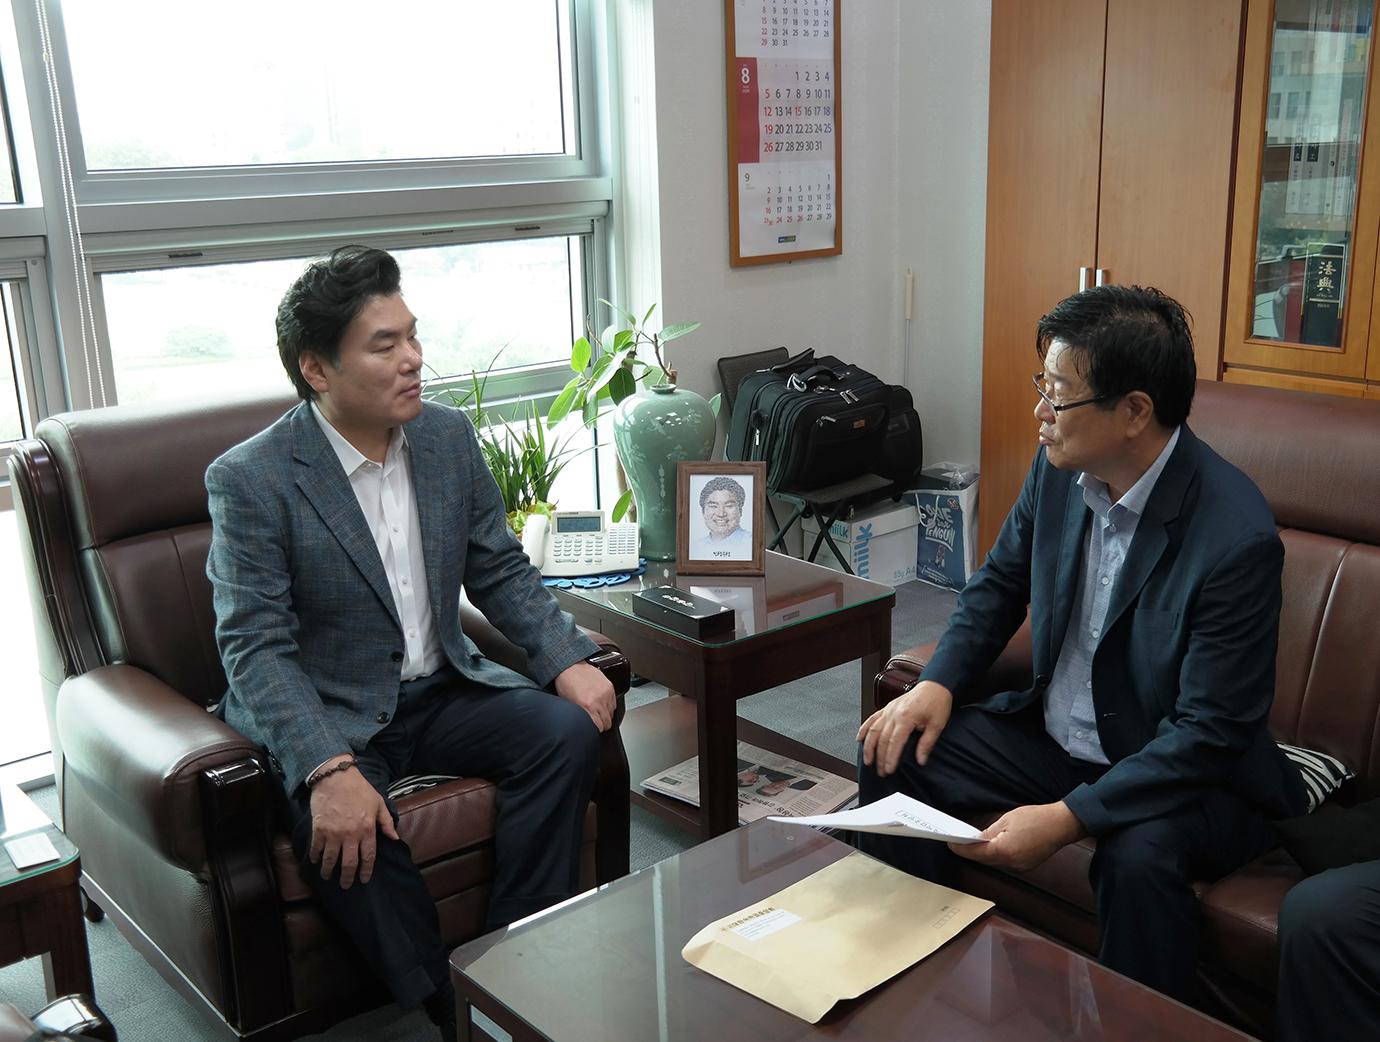 자유한국당 원유철 국회의원(경기 평택시갑, 5선) 면담SAM_4480 (5).JPG